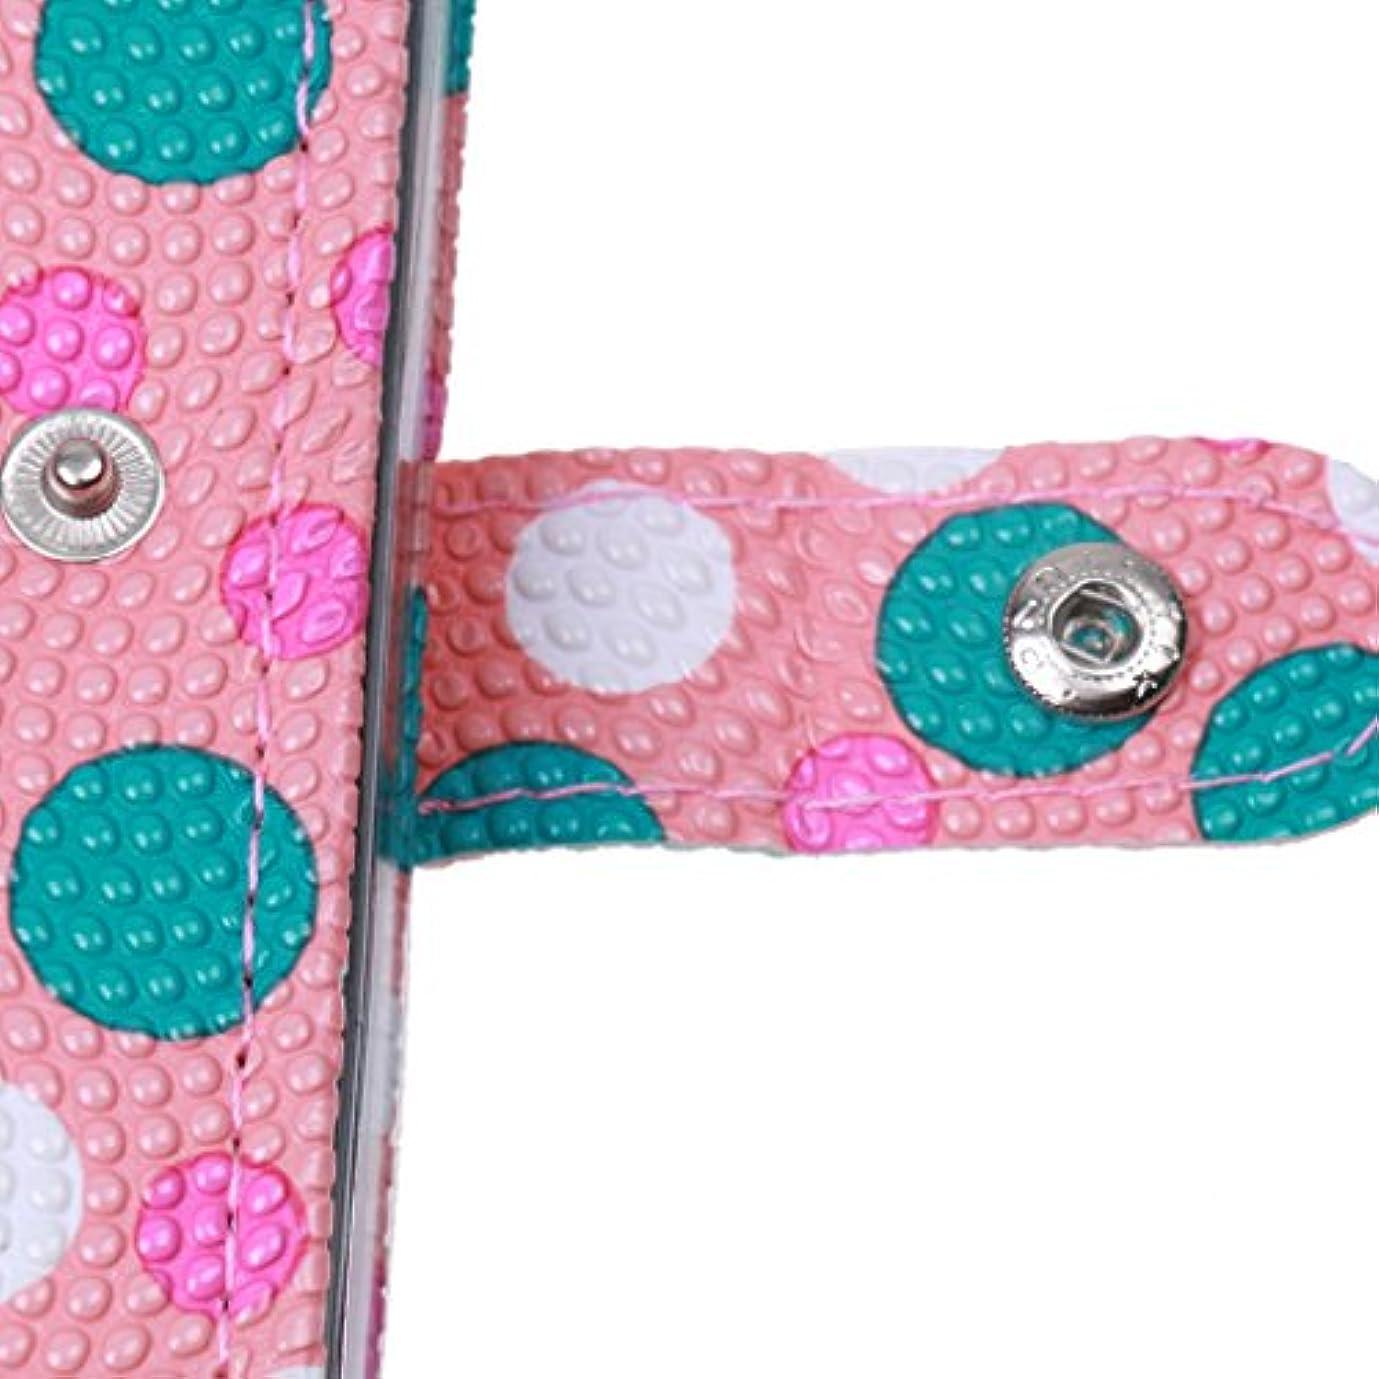 CUTICATE アイシャドウメイクのきらめきマットアイシャドウパレットはピンクの携帯18colors